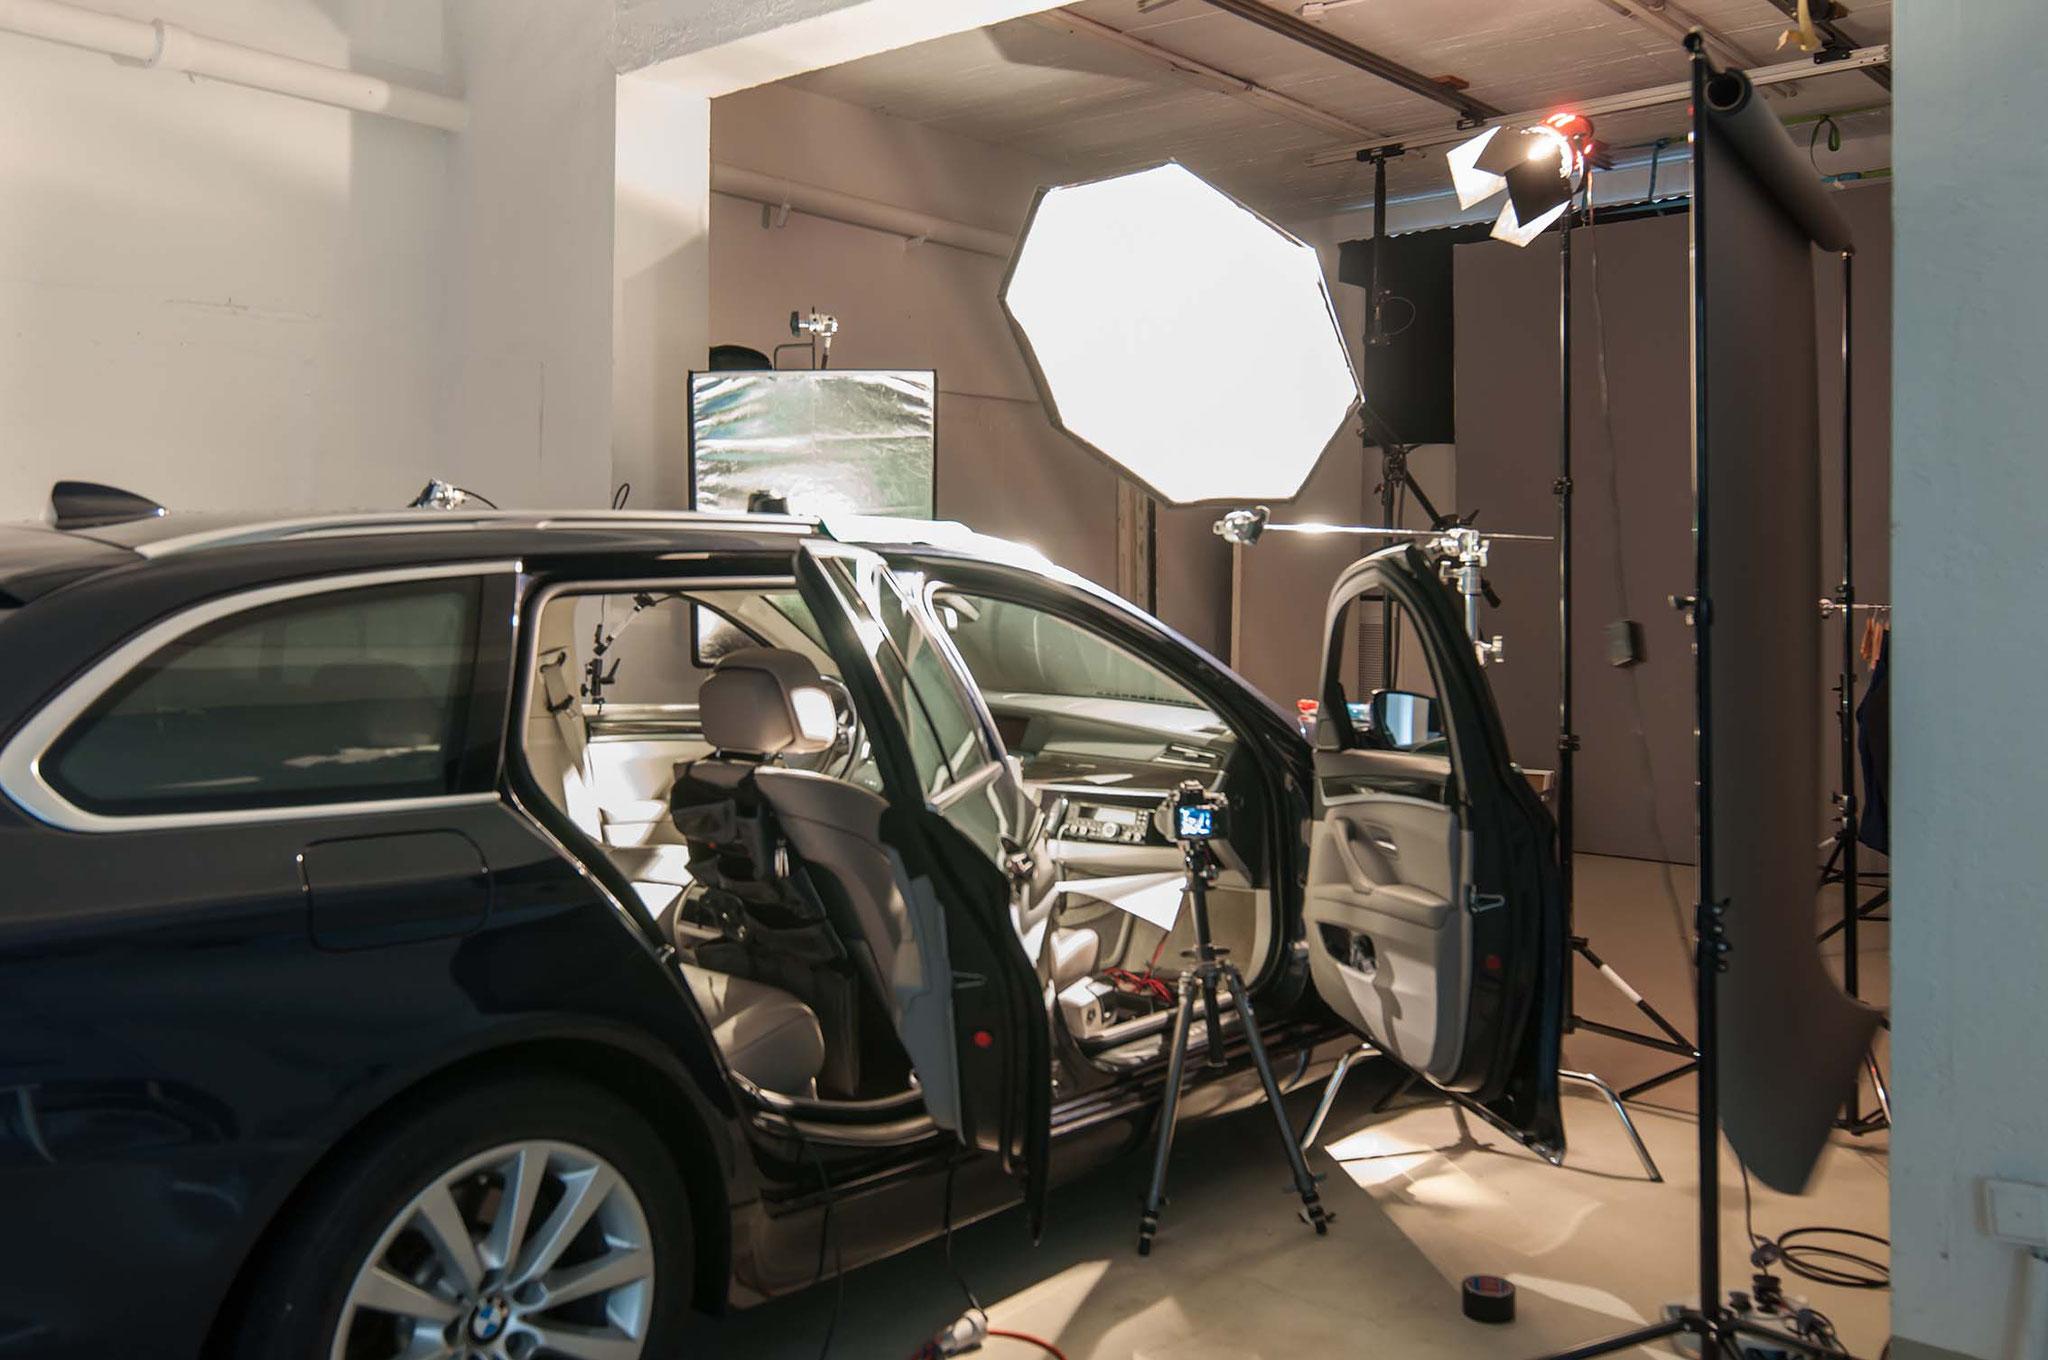 Das Funkgerät FT 450d von der Firma Yaesu wurde in einem 5er BMW f11 fotografiert. Dazu wurde das Fotoset im Fotostudio aufgebaut um ideale Bedingungen für das Stillifeshooting zu schaffen.